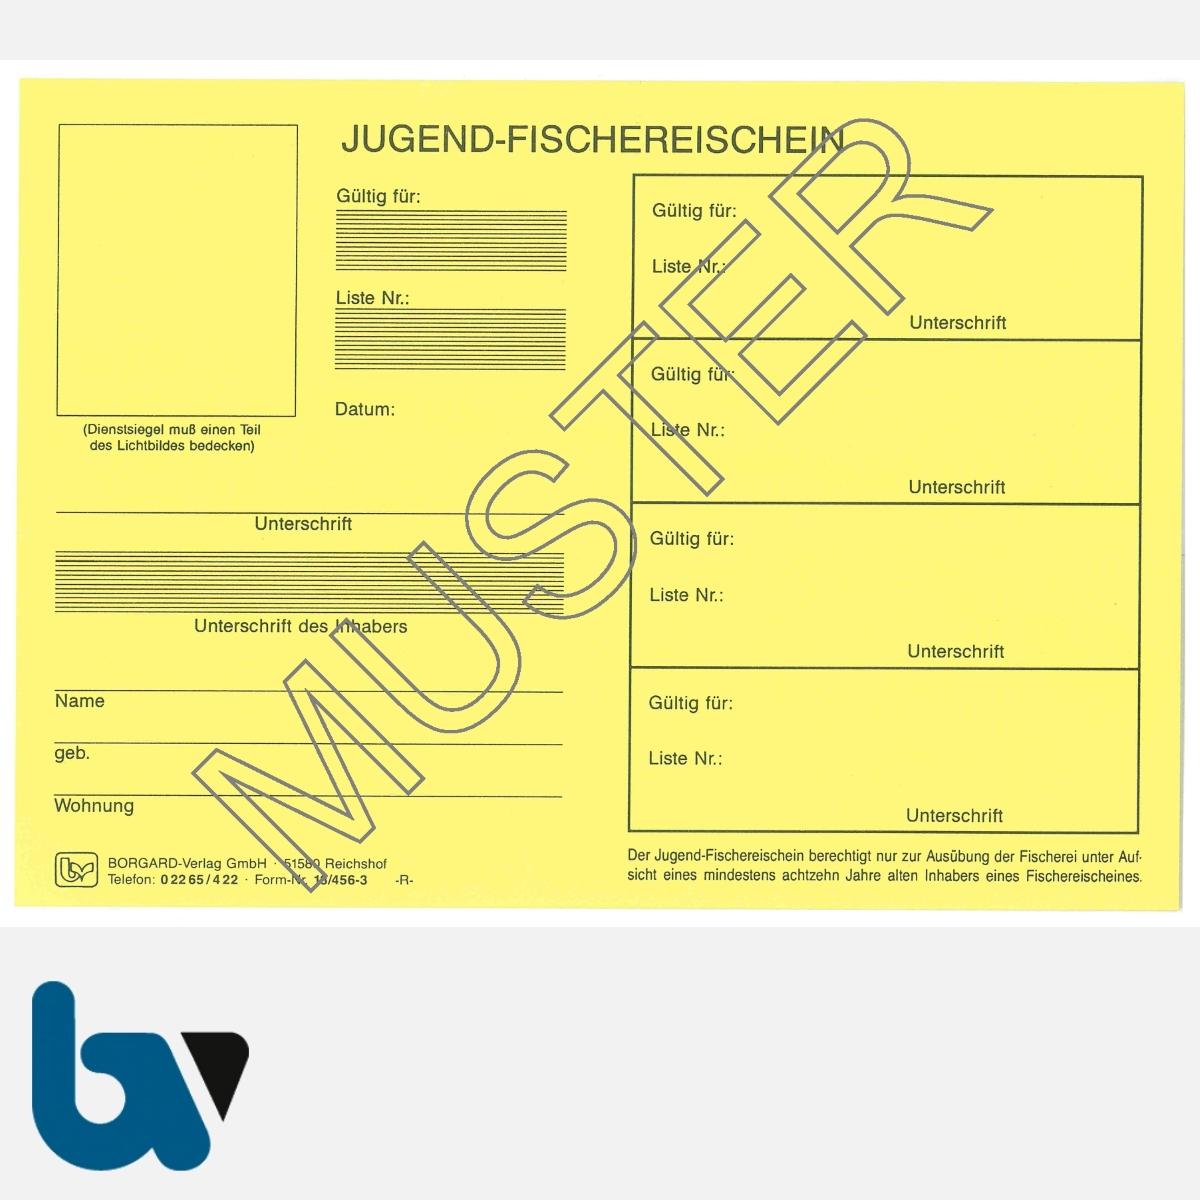 13/456-3 Jugendfischereischein Thüringen gelb Neobond Muster VS   Borgard Verlag GmbH